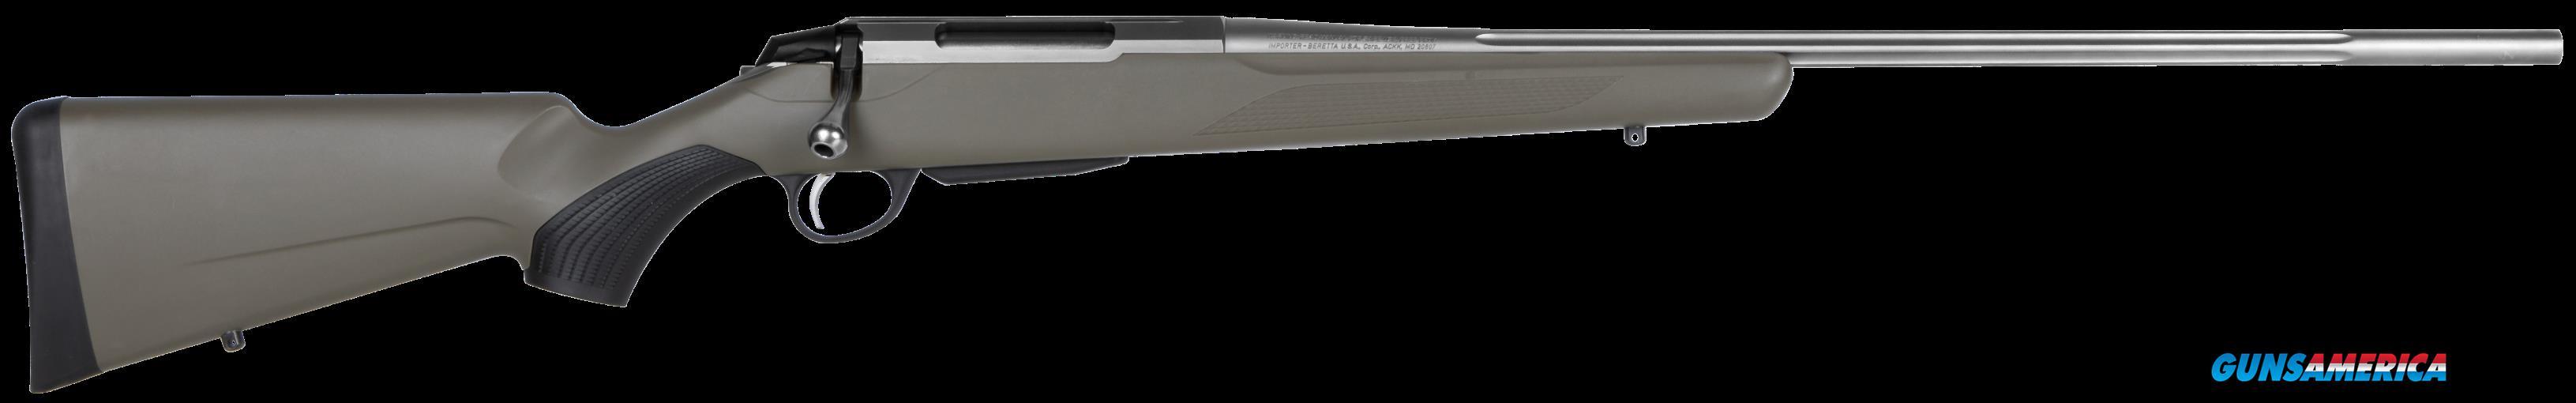 Tikka T3 T3x, Tikka Jrtxgsl20   T3x Superlite 3006 Odgrn  Guns > Pistols > 1911 Pistol Copies (non-Colt)